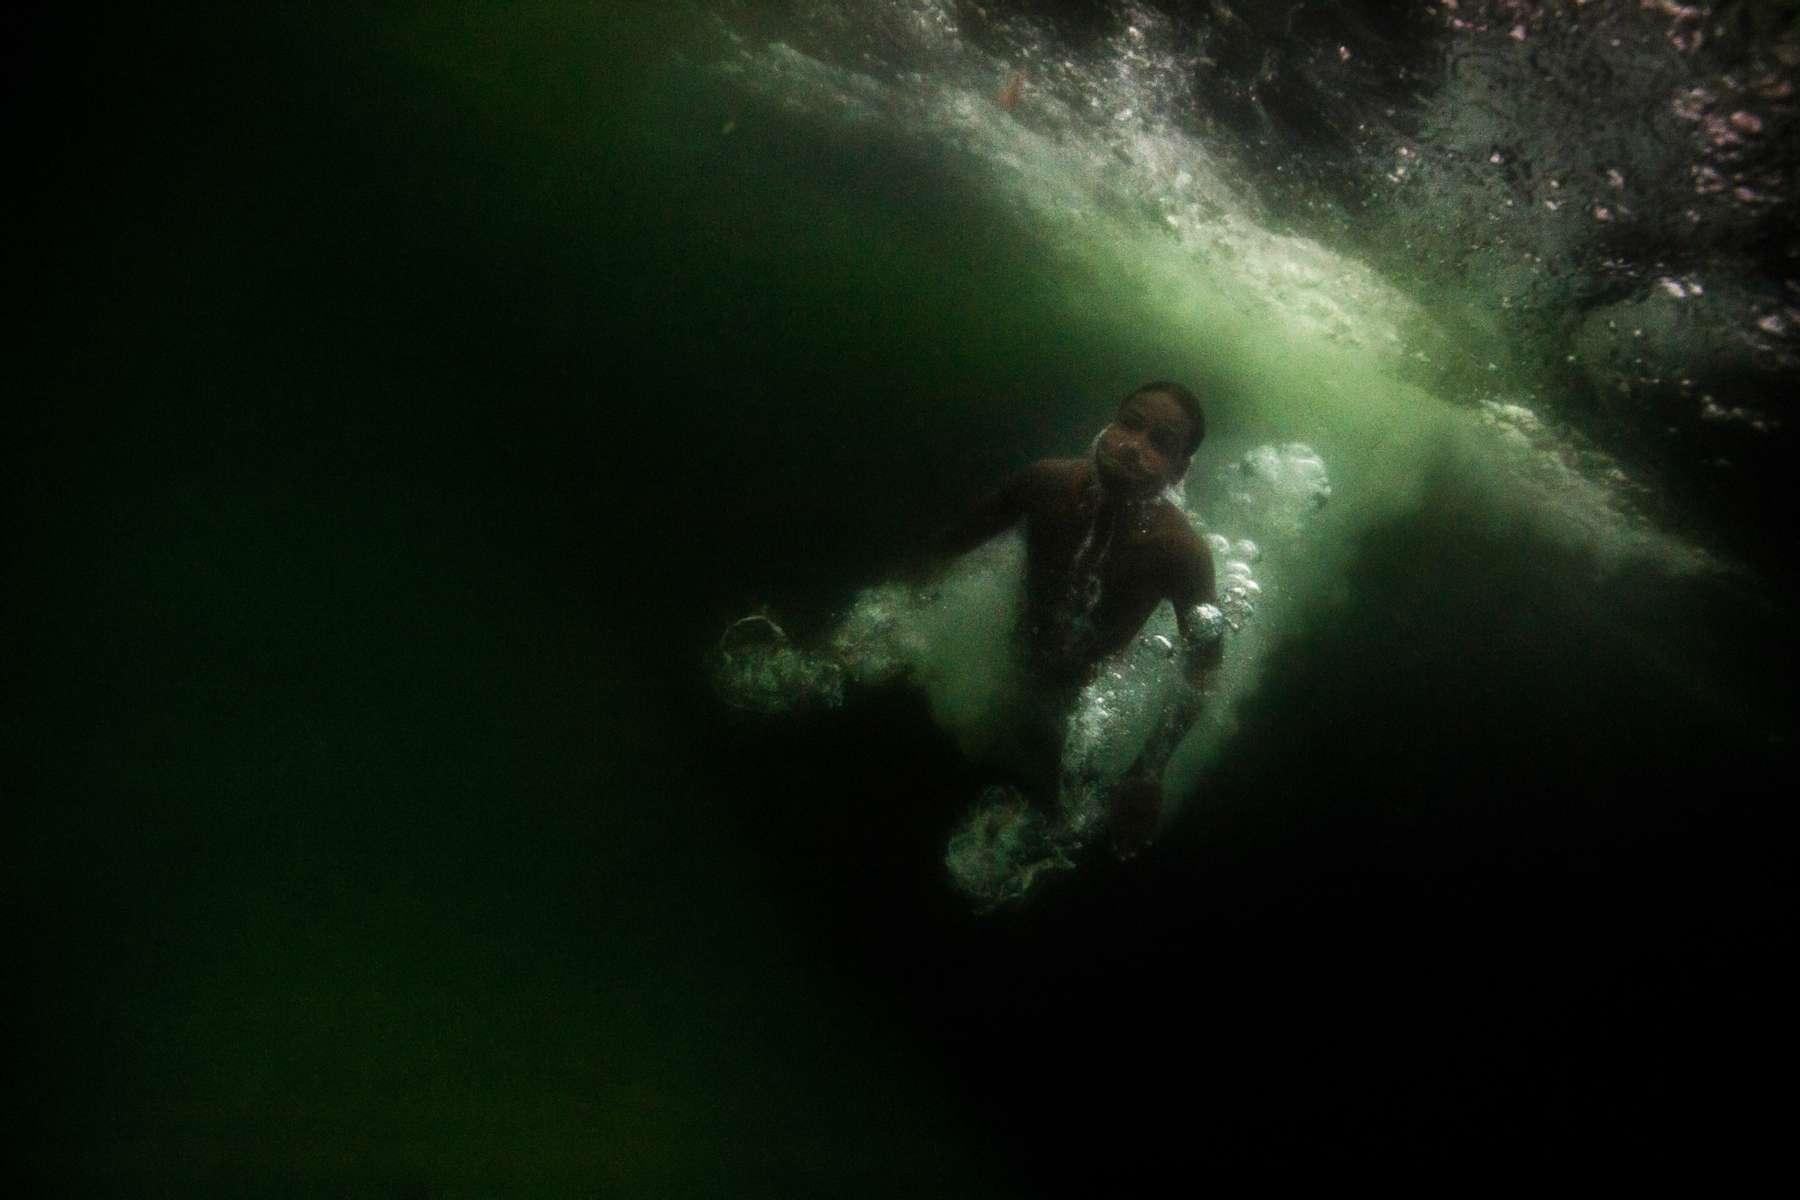 Un joven nada en las aguas de Leme, en la playa de Copacabana, en Río de Janeiro, Brasil, 19 de junio de 2016.